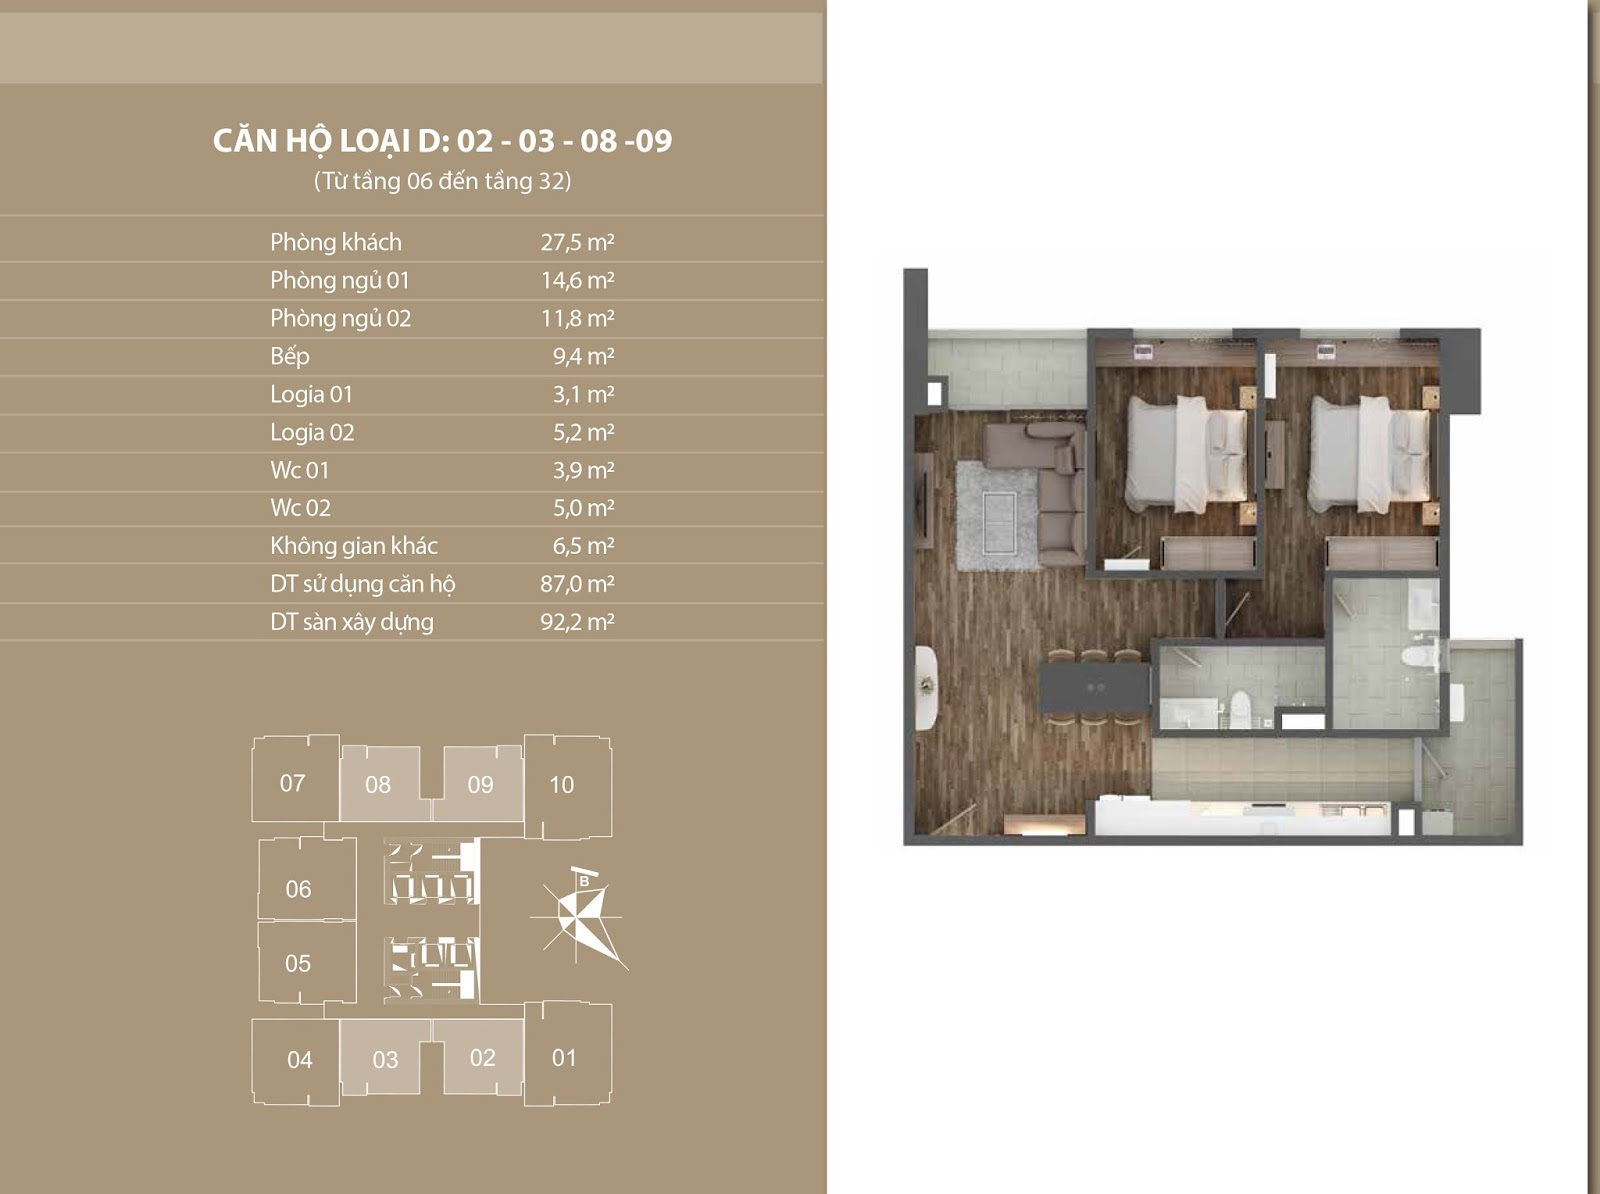 Bán lại căn số 09 tầng đẹp giá 31tr/m2 - Chung cư Phú Mỹ Complex